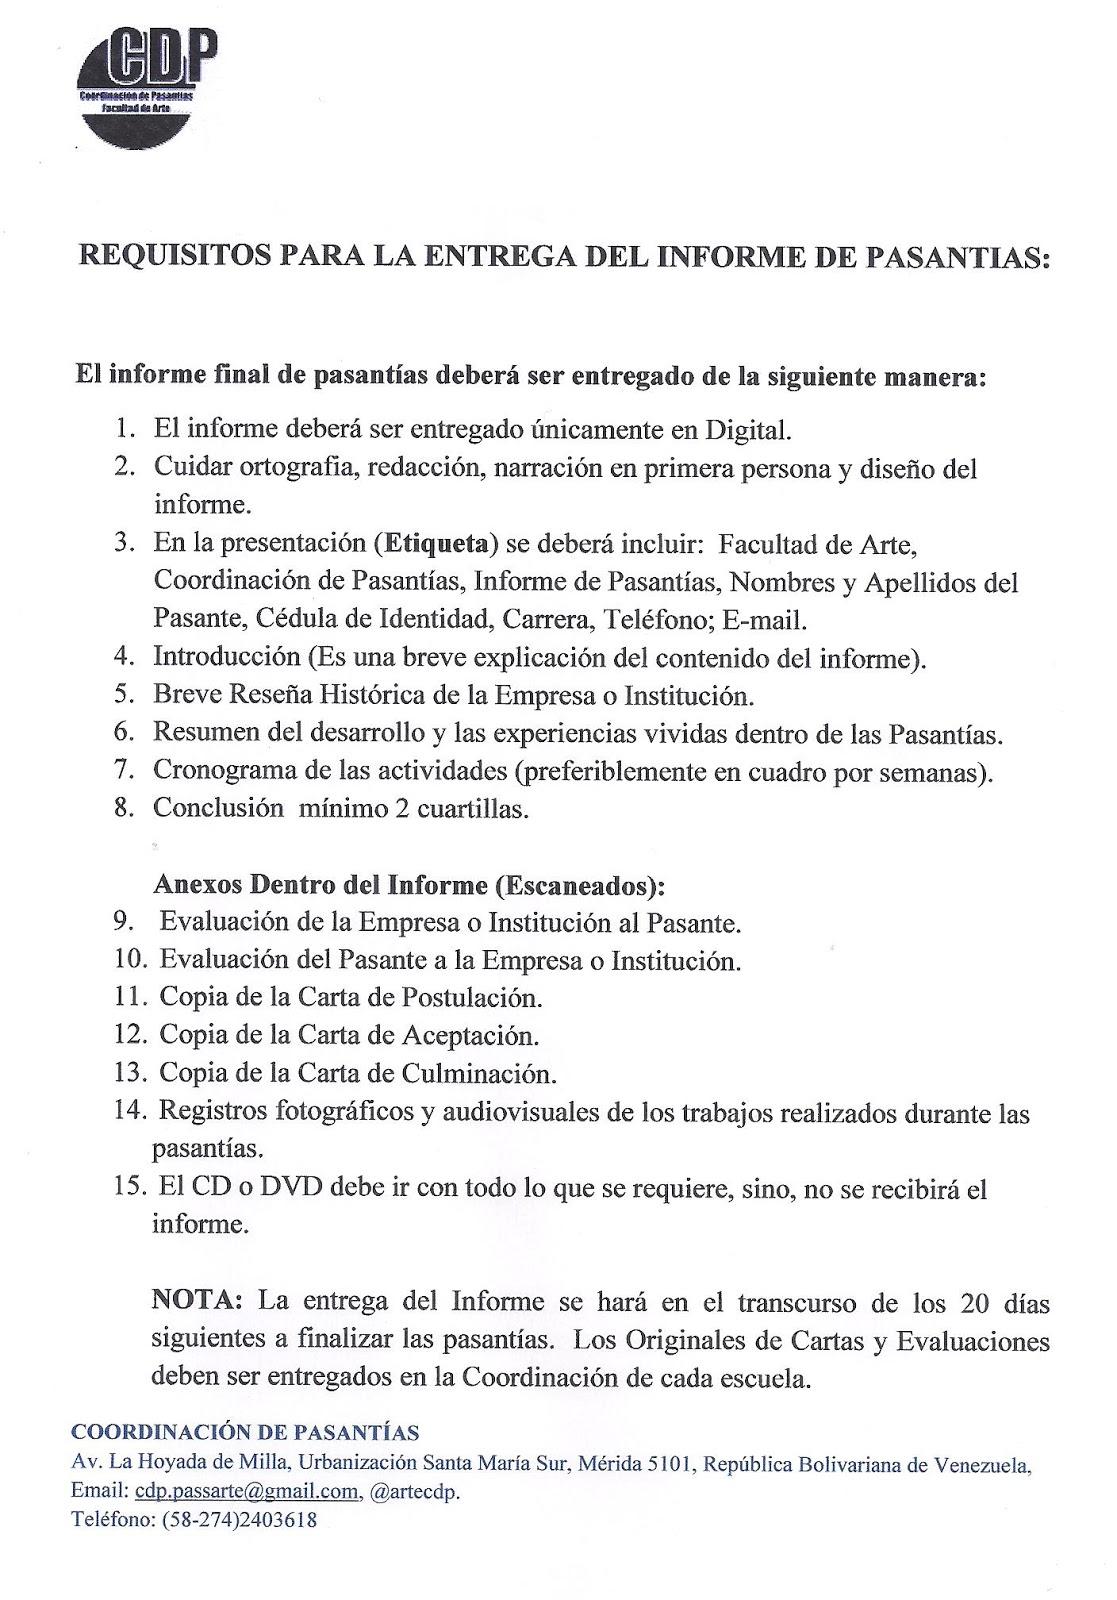 Lujoso Pasantías Y Cartas De Presentación Adorno - Ejemplo De ...